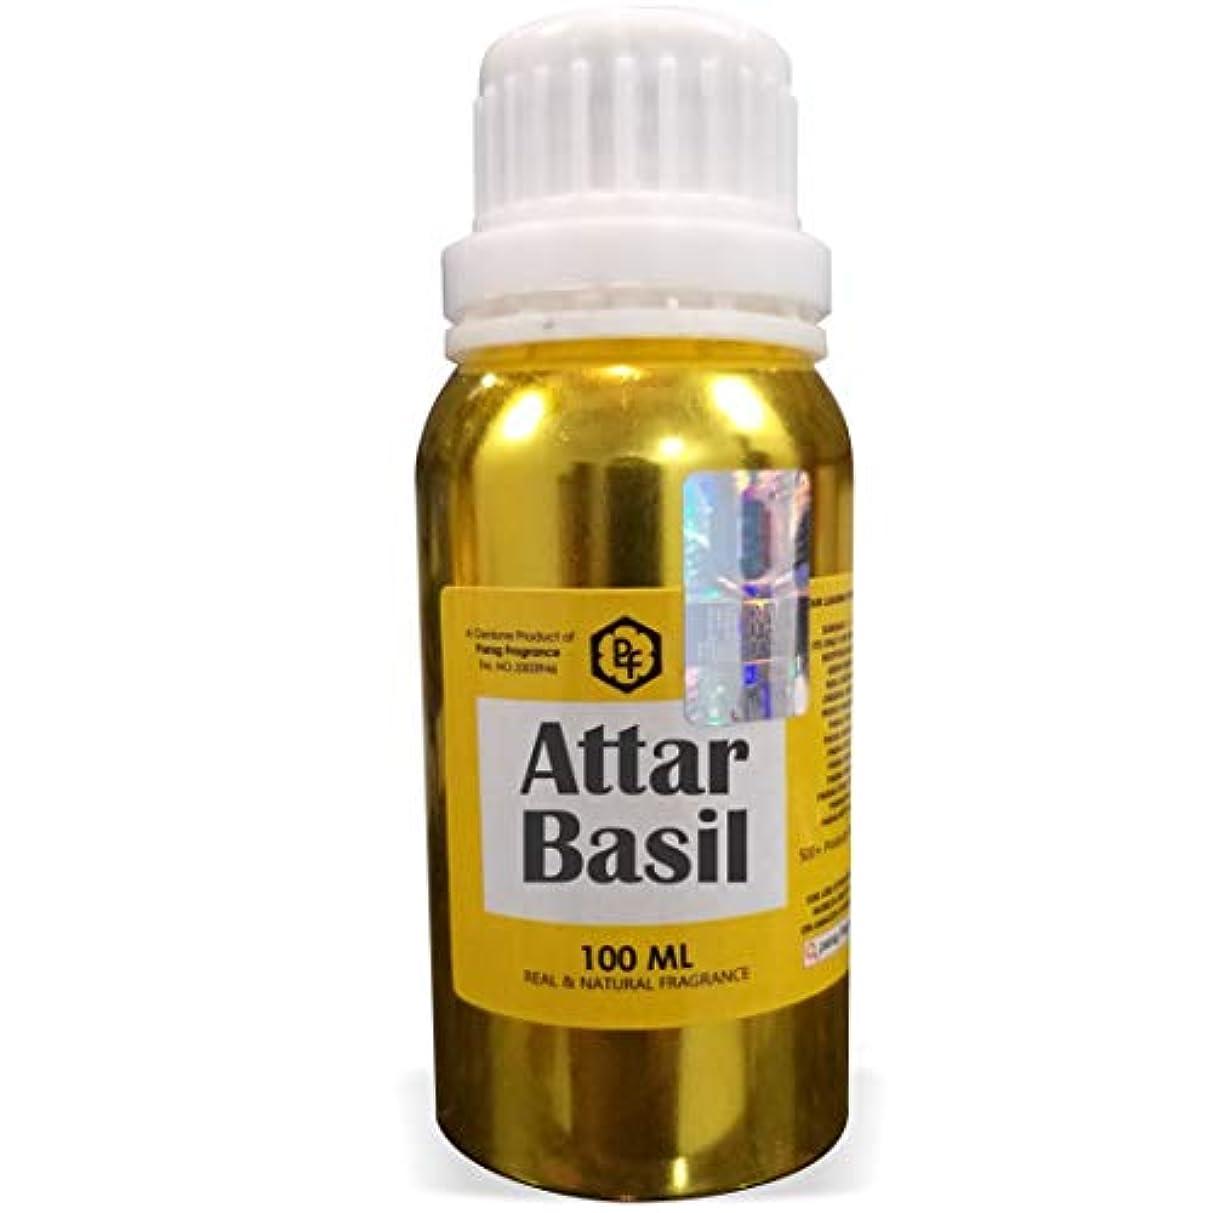 筋肉のファシズム句Paragフレグランスバジルアター100ミリリットル(男性用アルコールフリーアター)香油| 香り| ITRA